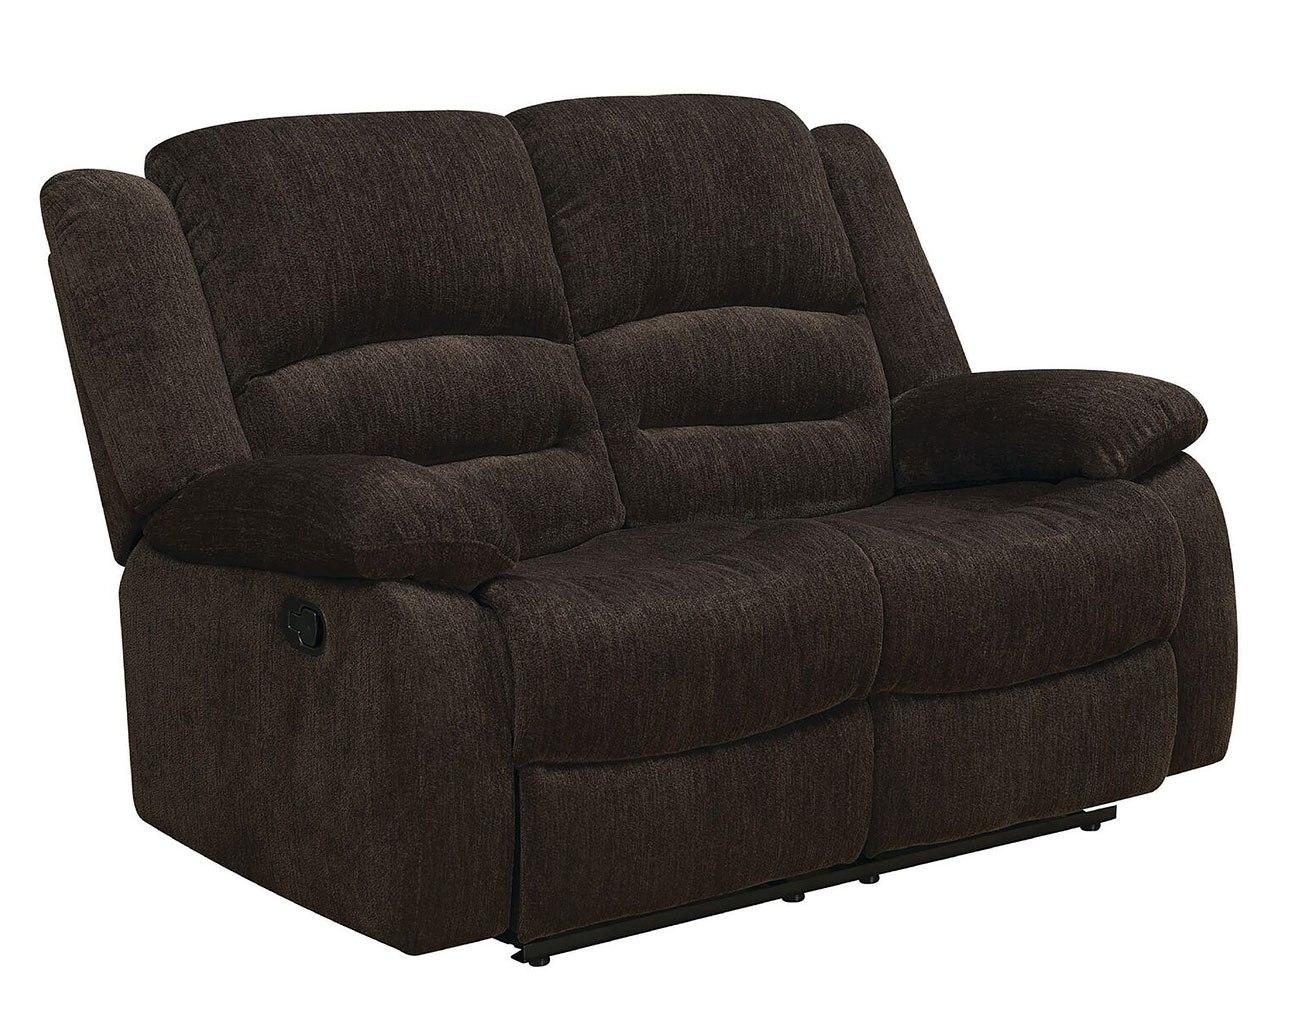 Gordon Reclining Loveseat Coaster Furniture Furniture Cart